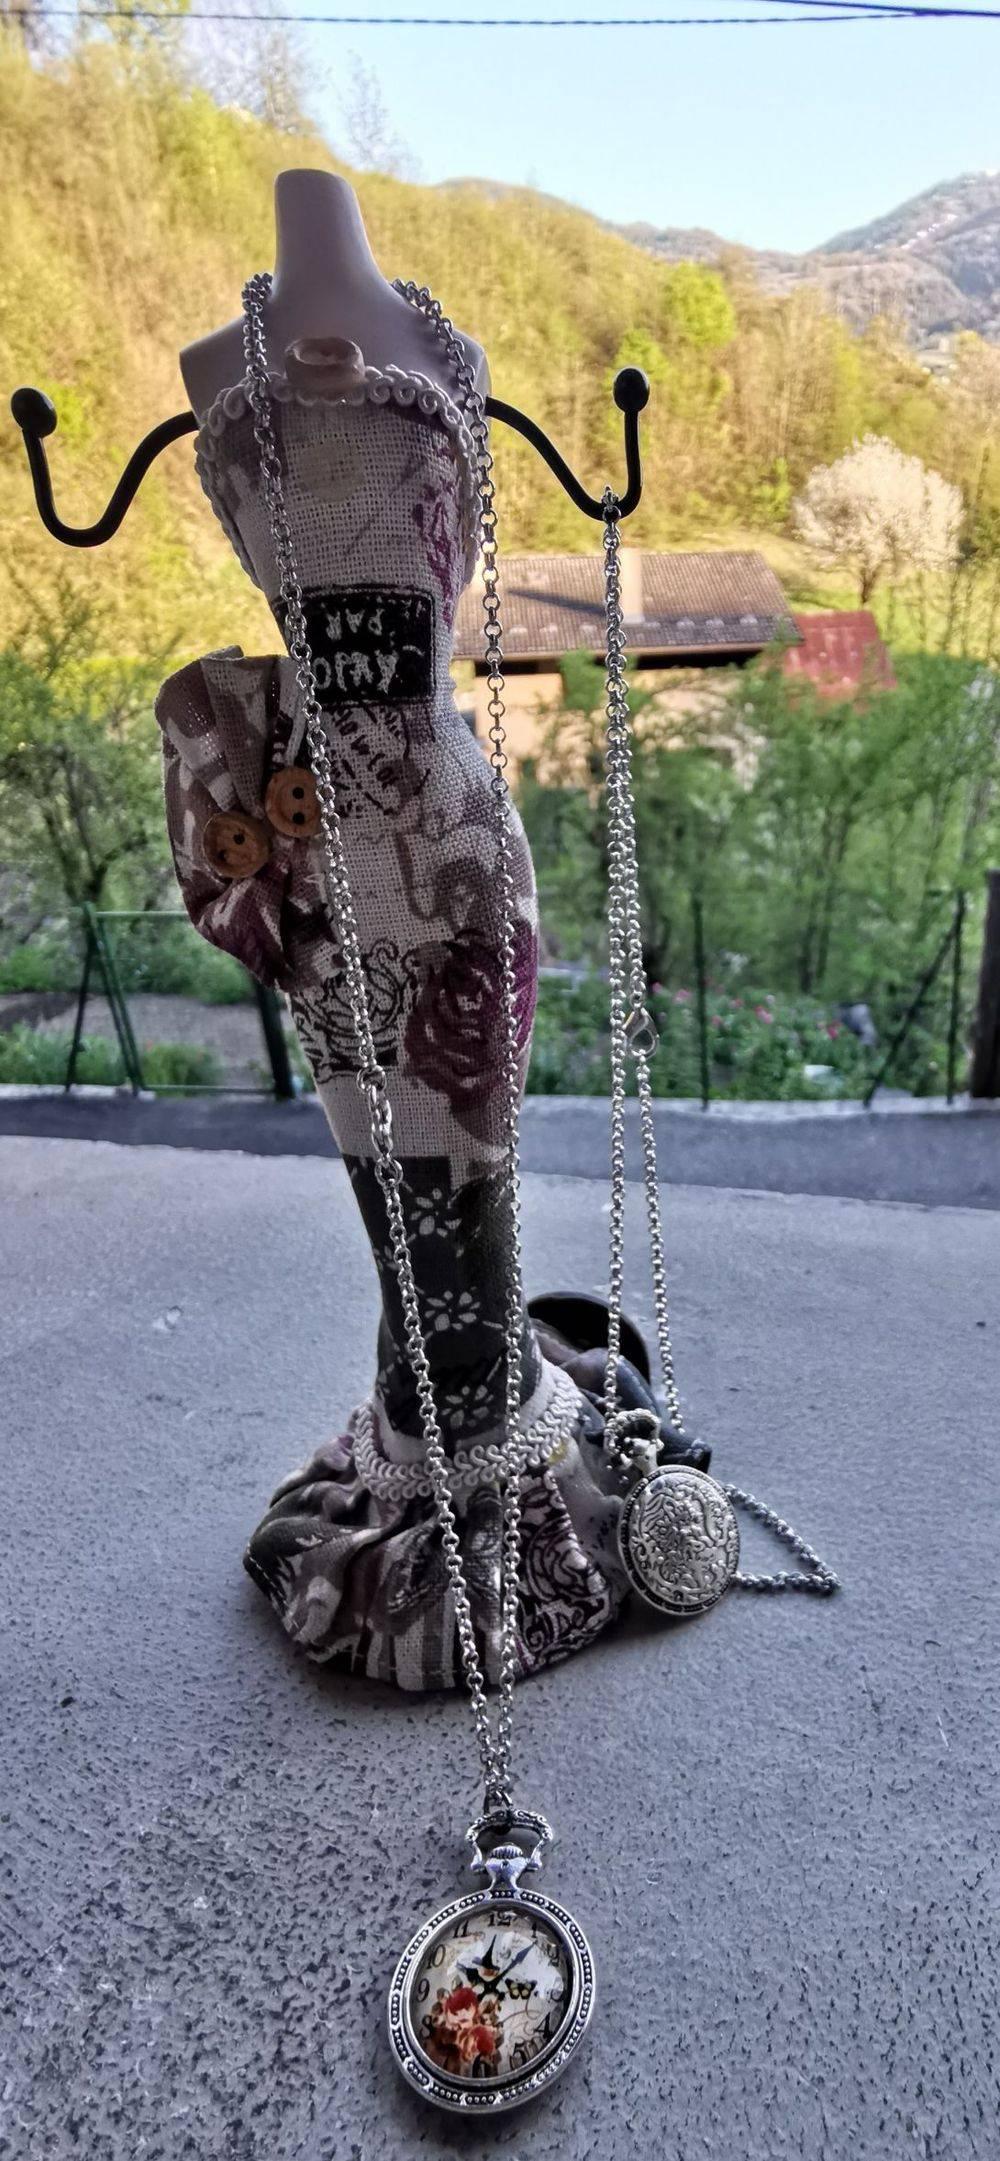 Collier tête de mort, collier rock, Skull'n'Roses, boucles d'oreilles rock, , Bijoux rock, bijoux crâne, bijoux tête de mort, bijoux Biker, bijoux rockabilly, bijoux pinup, Skull, crâne, tête de mort, bijoux artisanaux, Rock'n'Babe, rocknbabe, rocknbabeshop , fait-main , pinup , rockabilly , montre a gousset , montre vintage